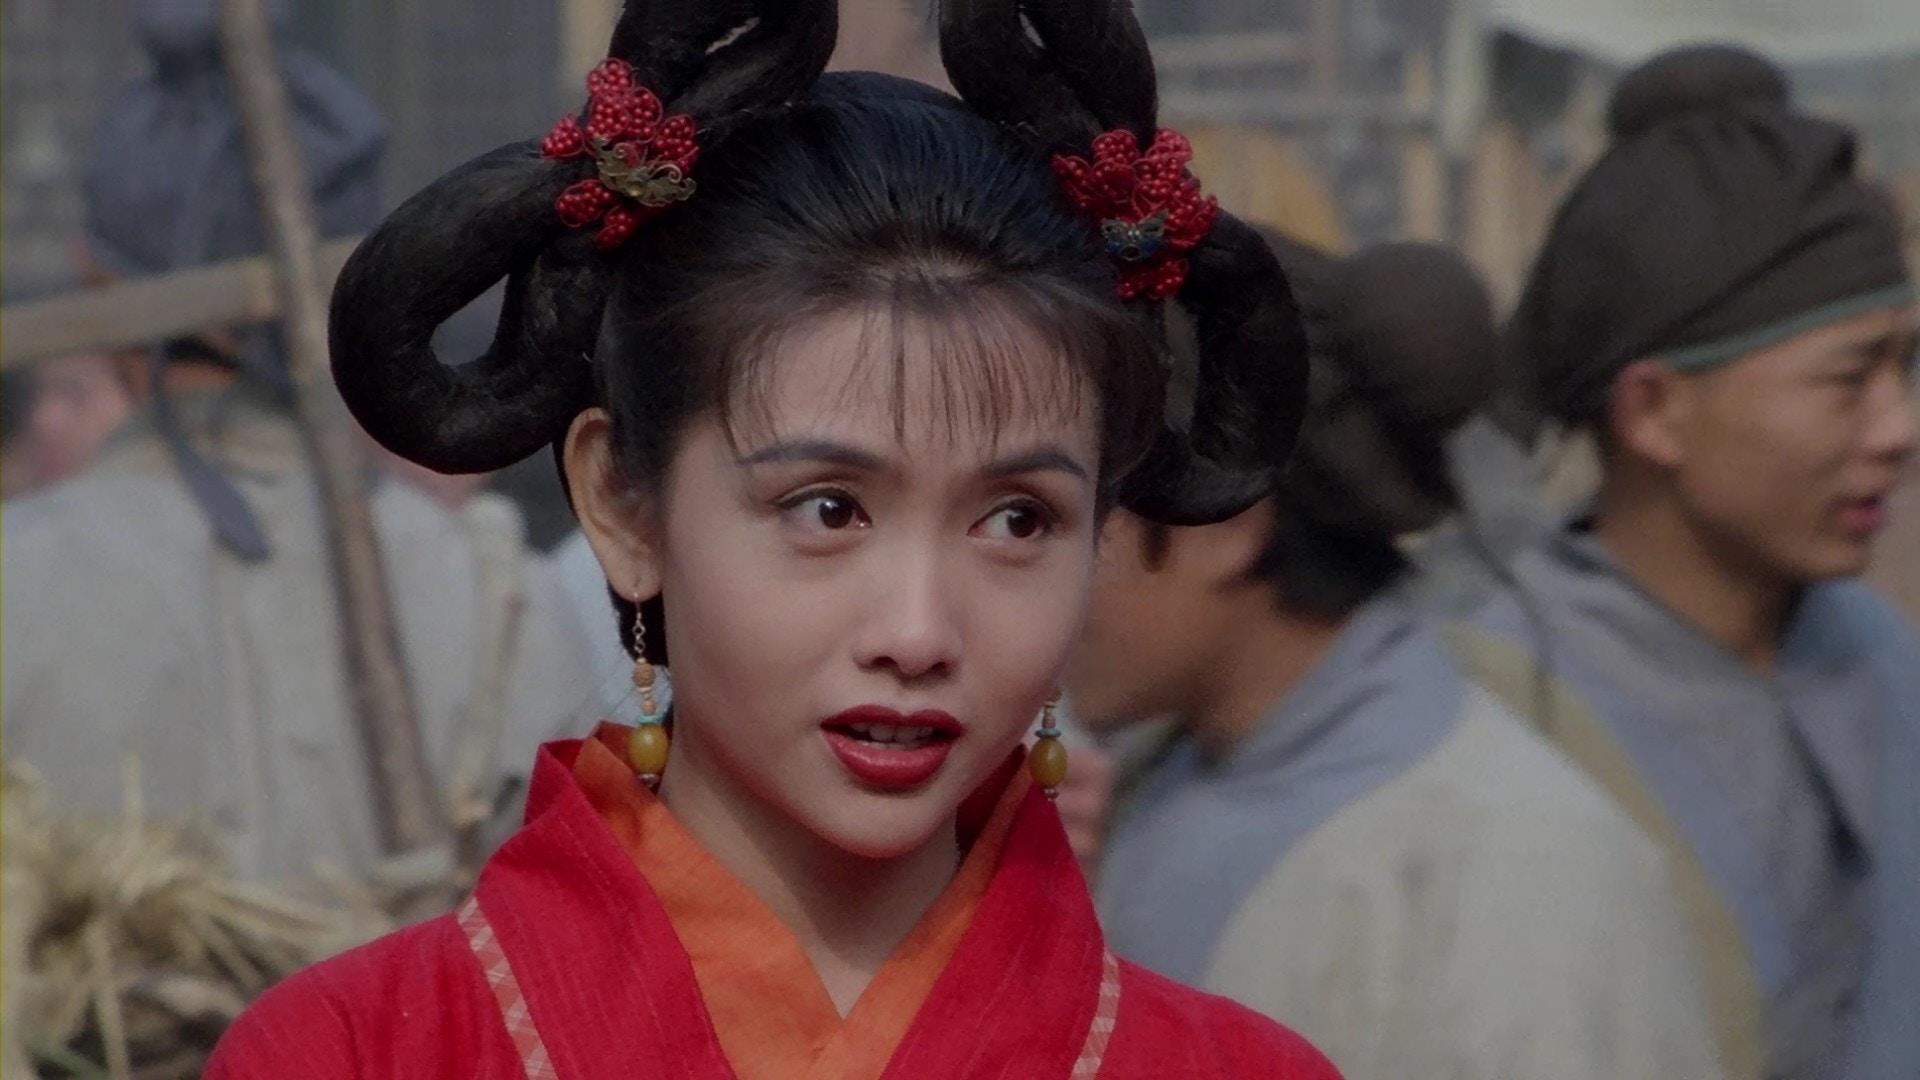 26年后 王晶将拍《倚天屠龙记之魔教教主》续集